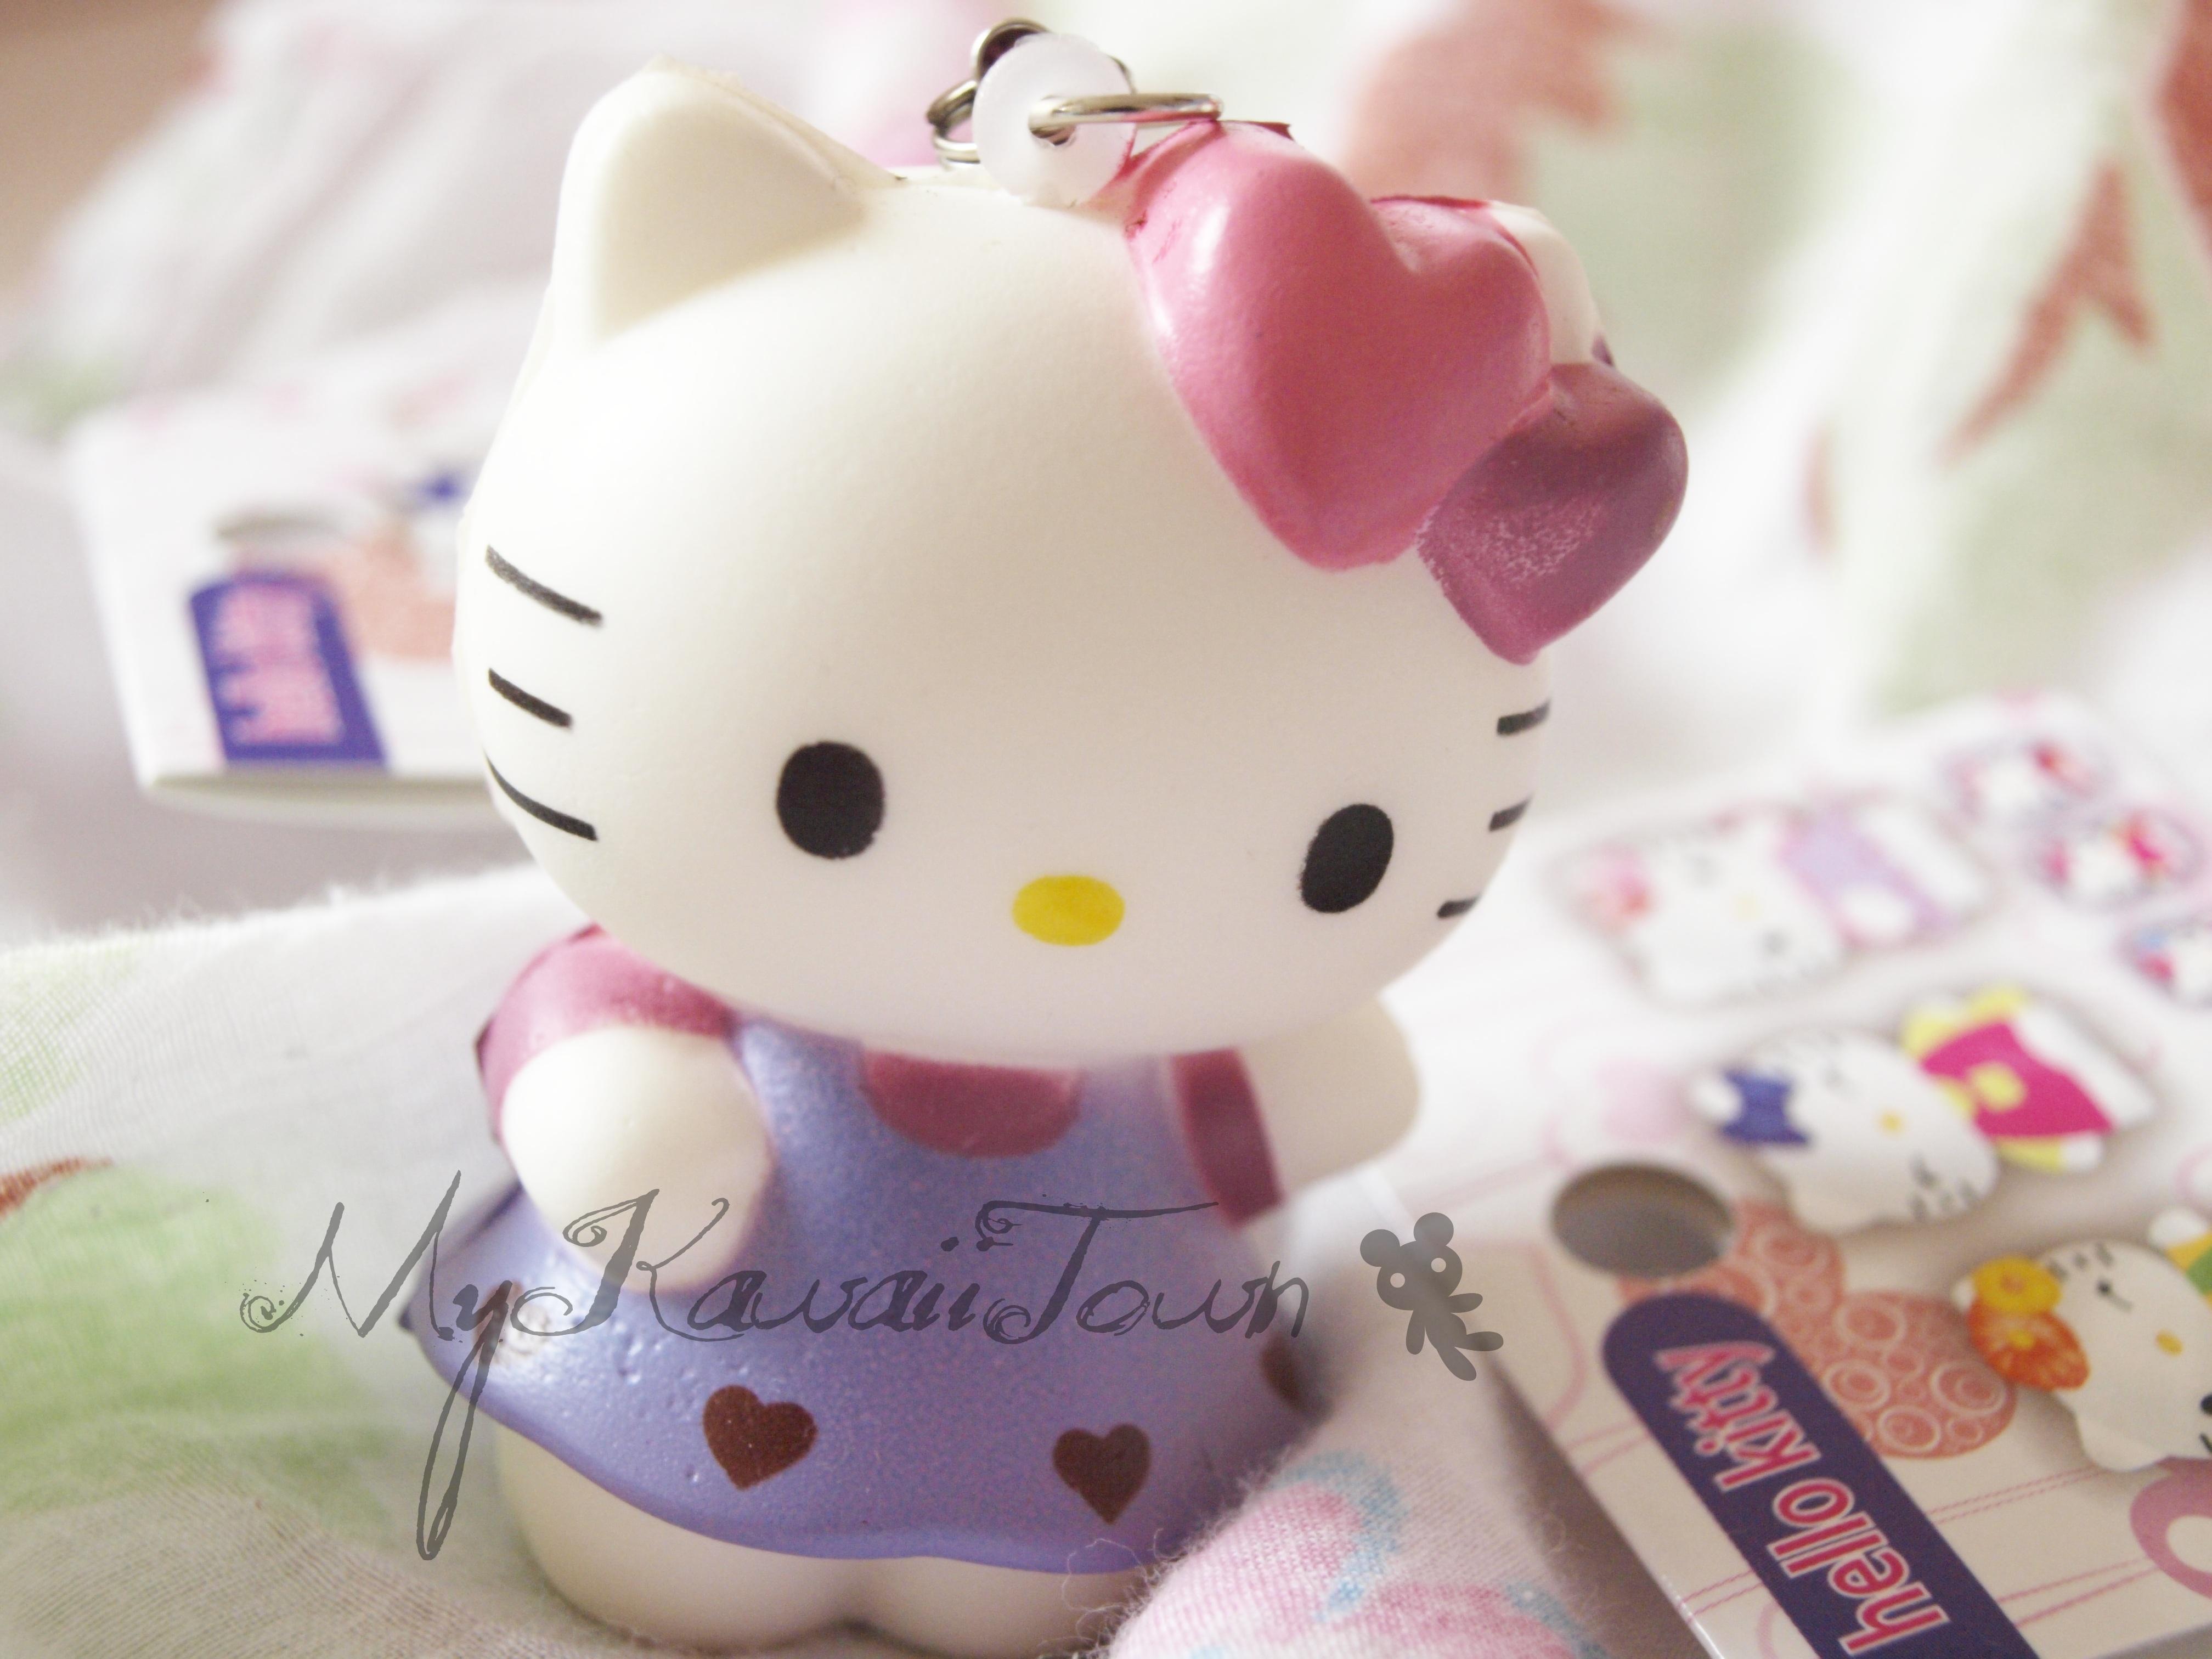 Squishy Muffinz Merch : Mykawaiitown Squishy Hello-Kitty Mascot #6 Online Store Powered by Storenvy